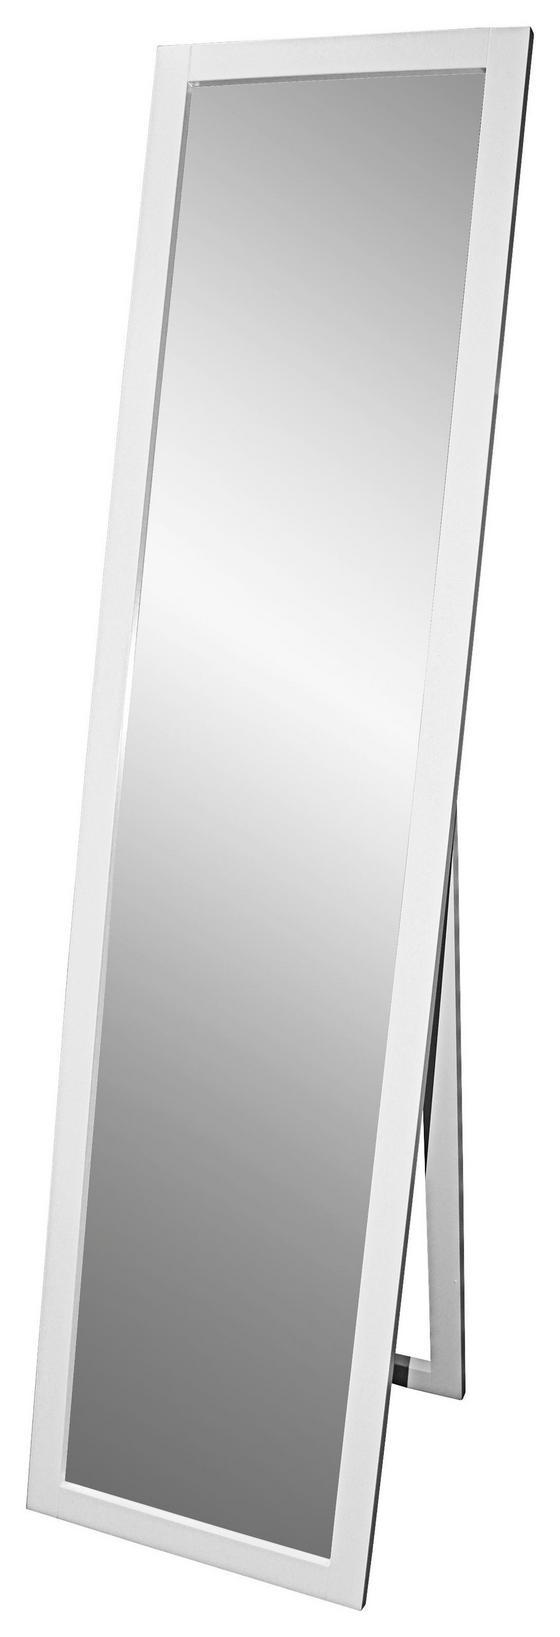 Stojací Zrcadlo Meggy - bílá, Moderní, dřevo/dřevěný materiál (40/160/3,8cm)